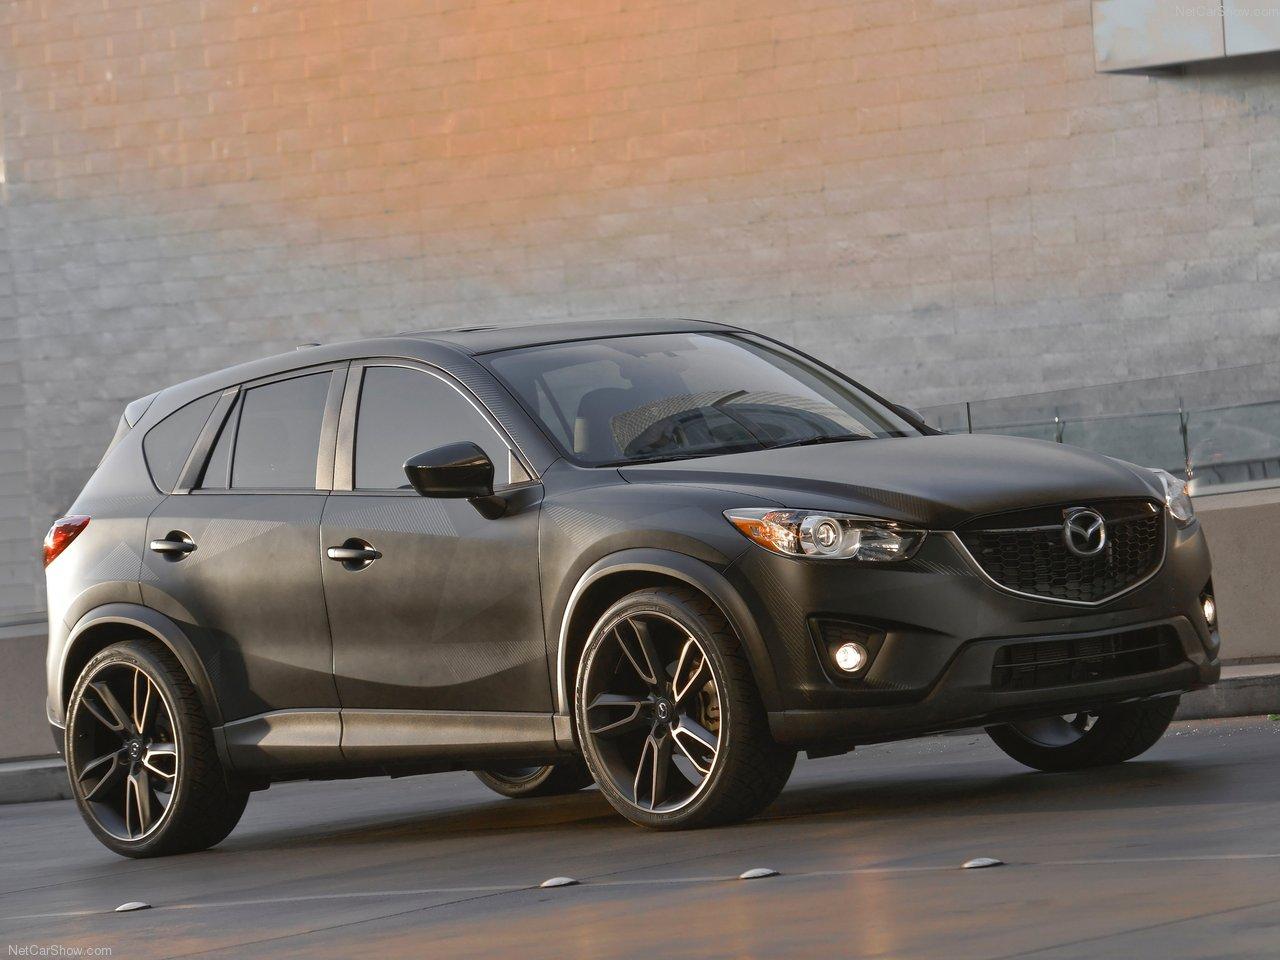 2012 Mazda CX-5 Urban Concept